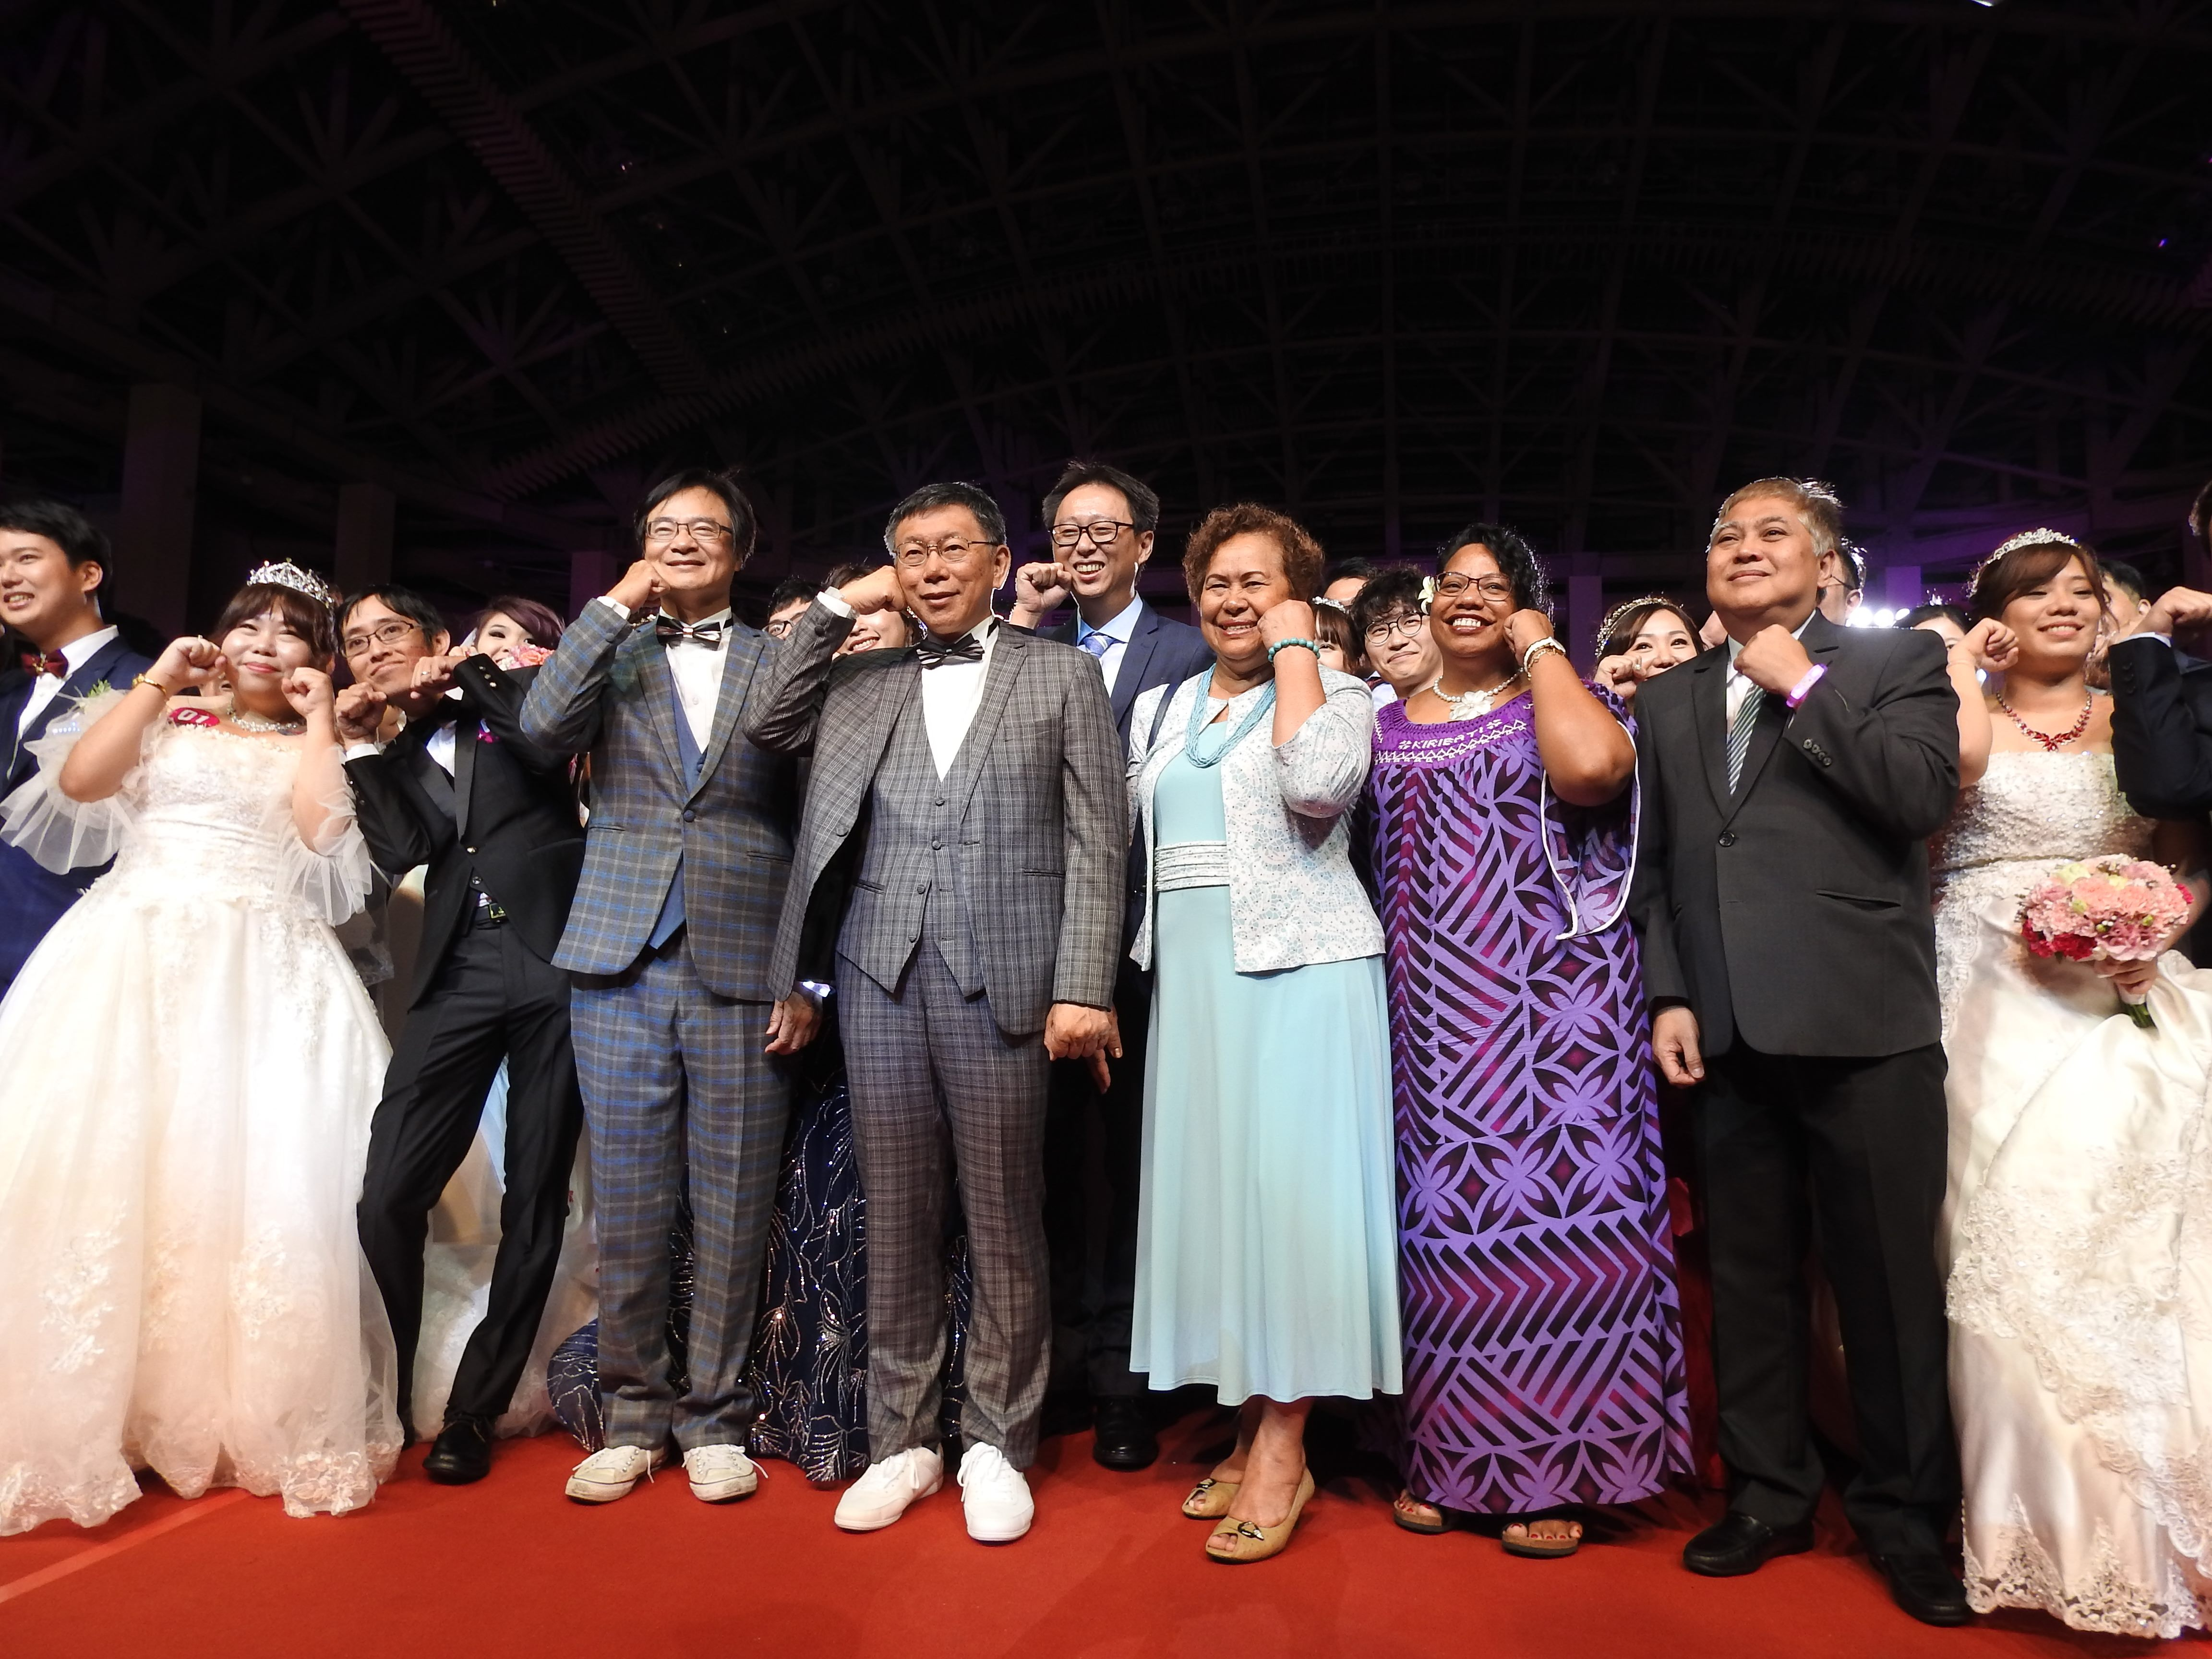 1071007柯市長、帛琉歐克麗大使、吉里巴斯藍黛西大使、馬尼拉經濟文化辦事處副代表Carlo_L._Aquino出席臺北市聯合婚禮